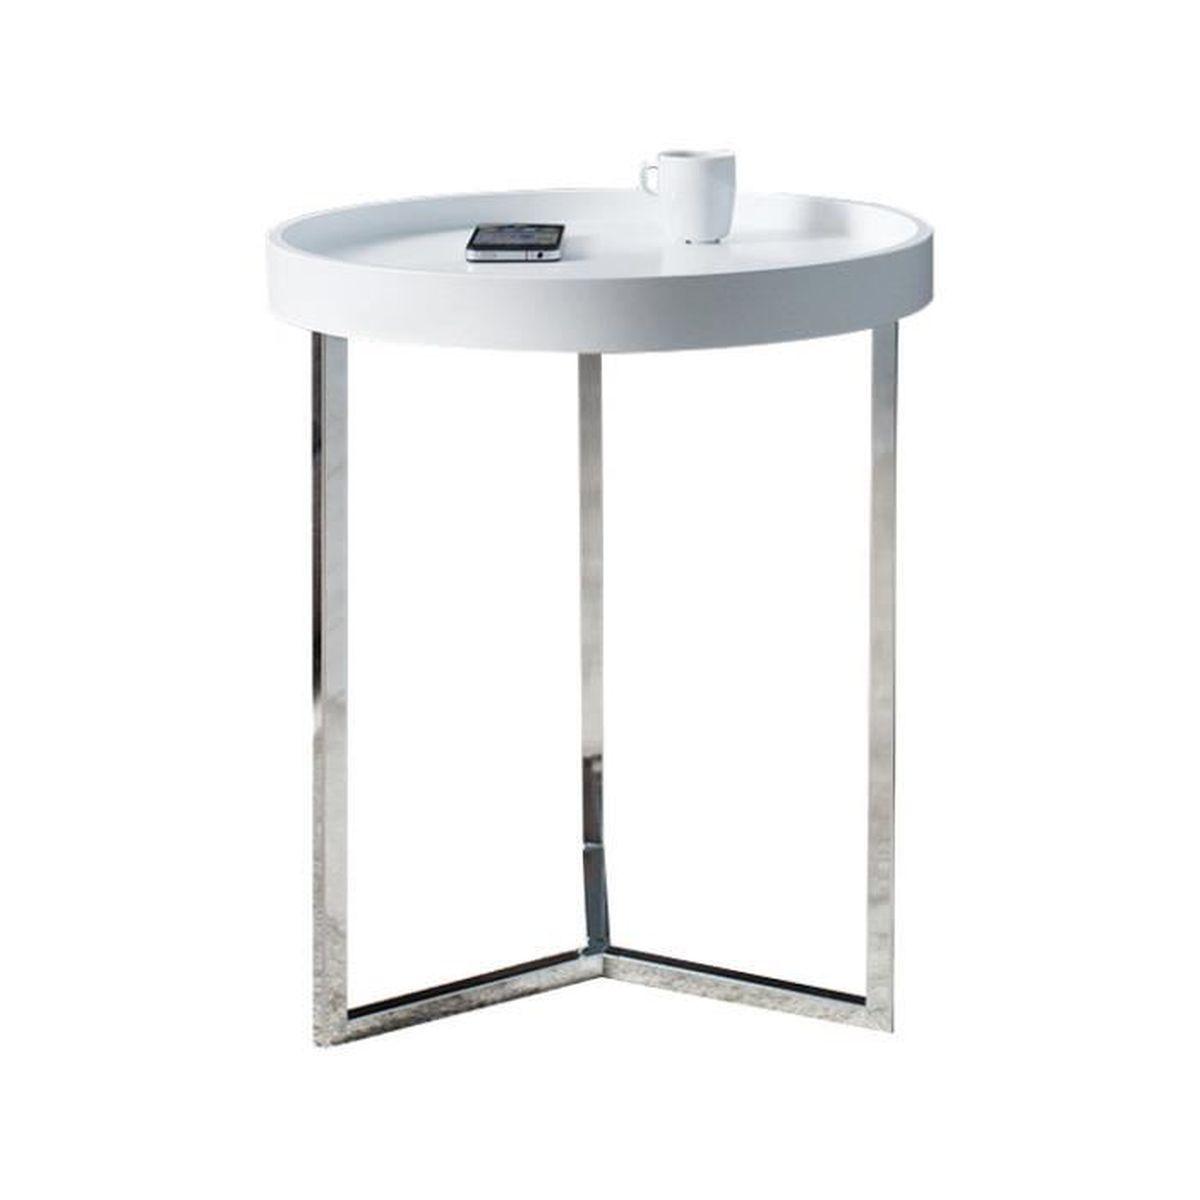 Table D Appoint 40 Cm Avec Un Plateau Blanc En Bois Et Un